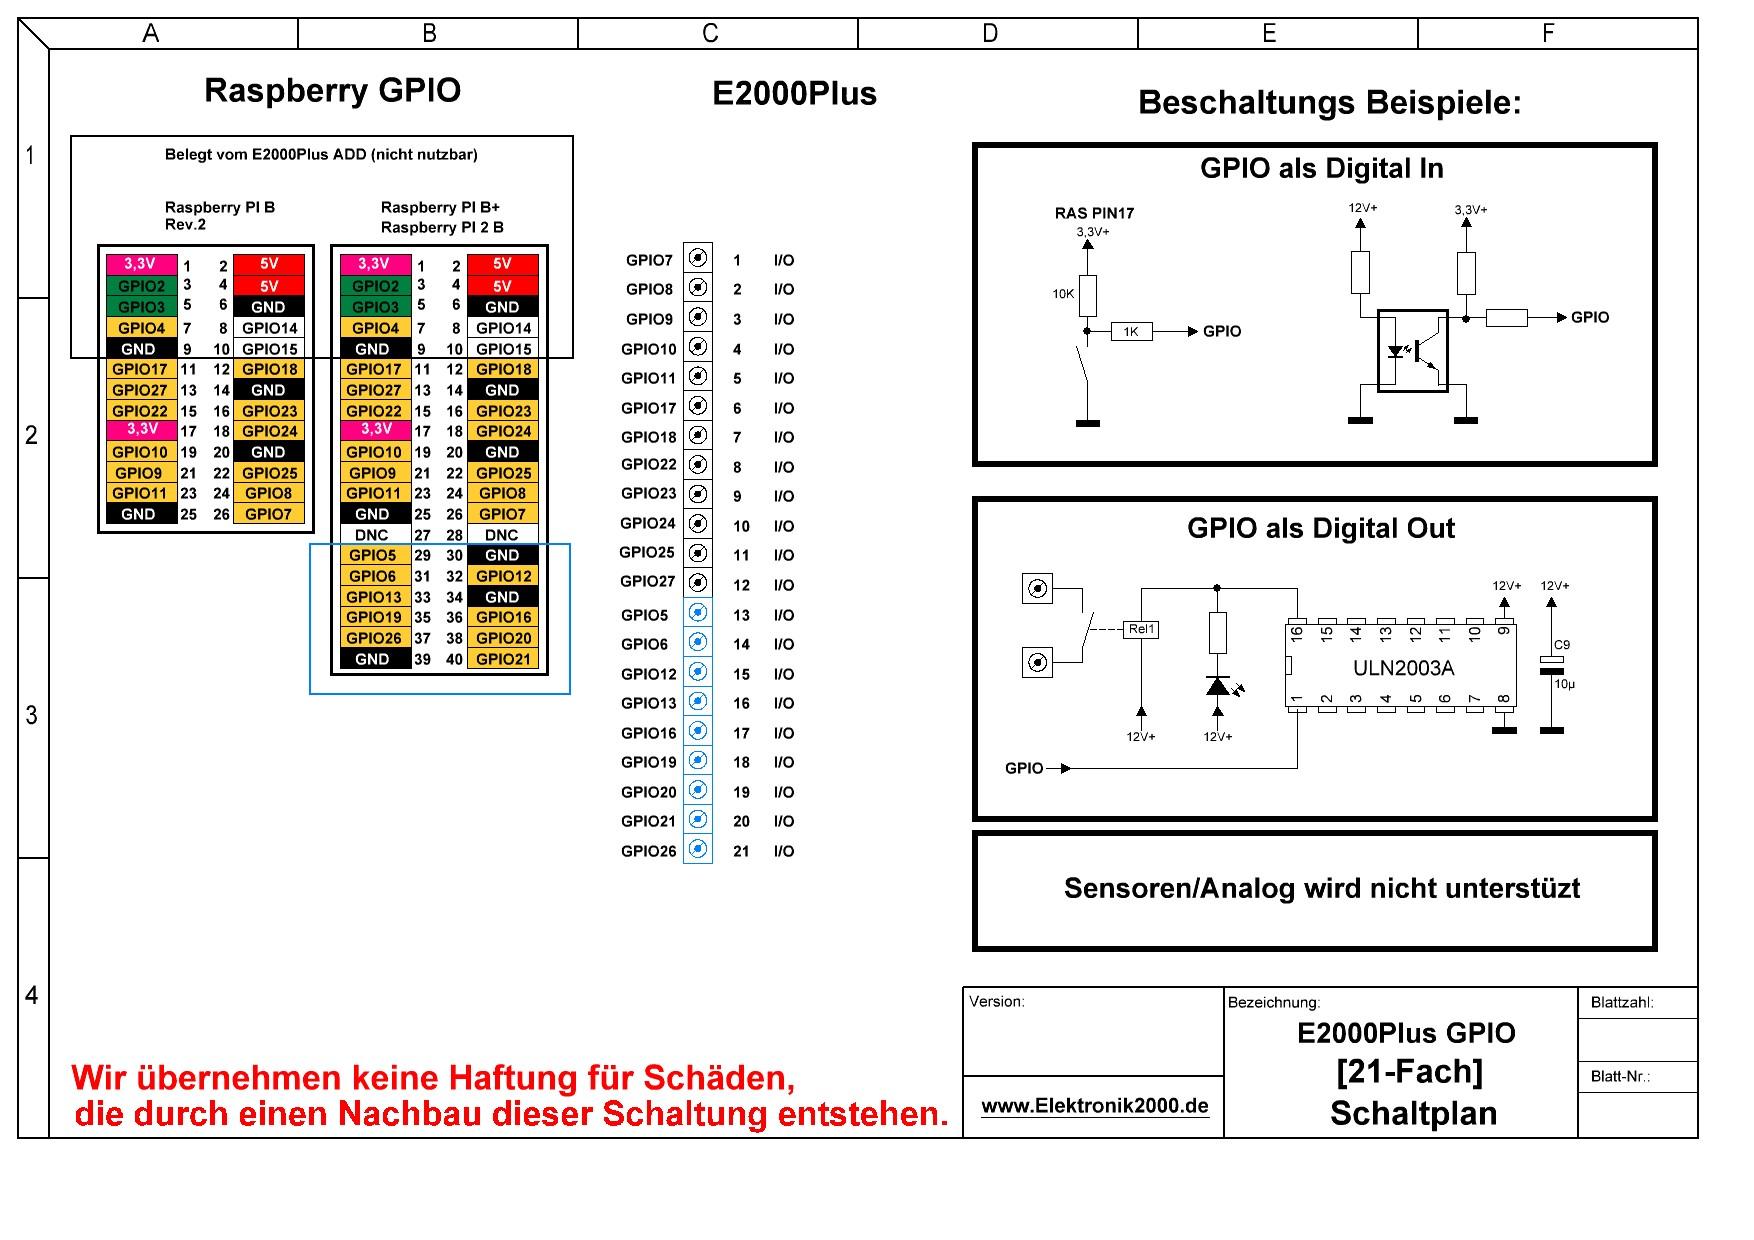 Atemberaubend Schaltplan Beispiele Galerie - Die Besten Elektrischen ...